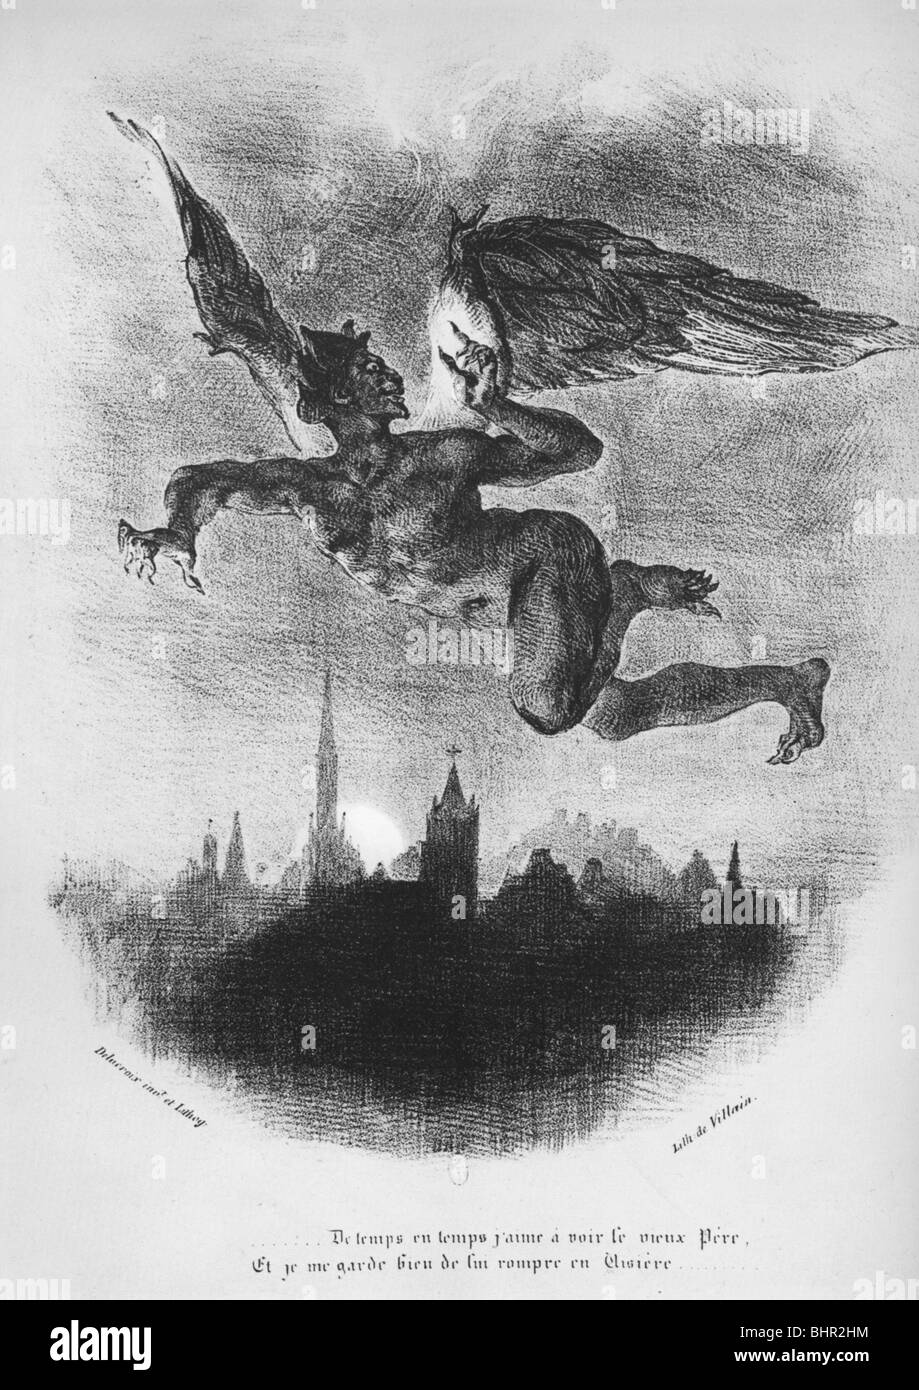 Eugène Delacroix  Méphistophélès dans les airs (Faust de Goethe) - Mephistopheles in the air - Stock Image